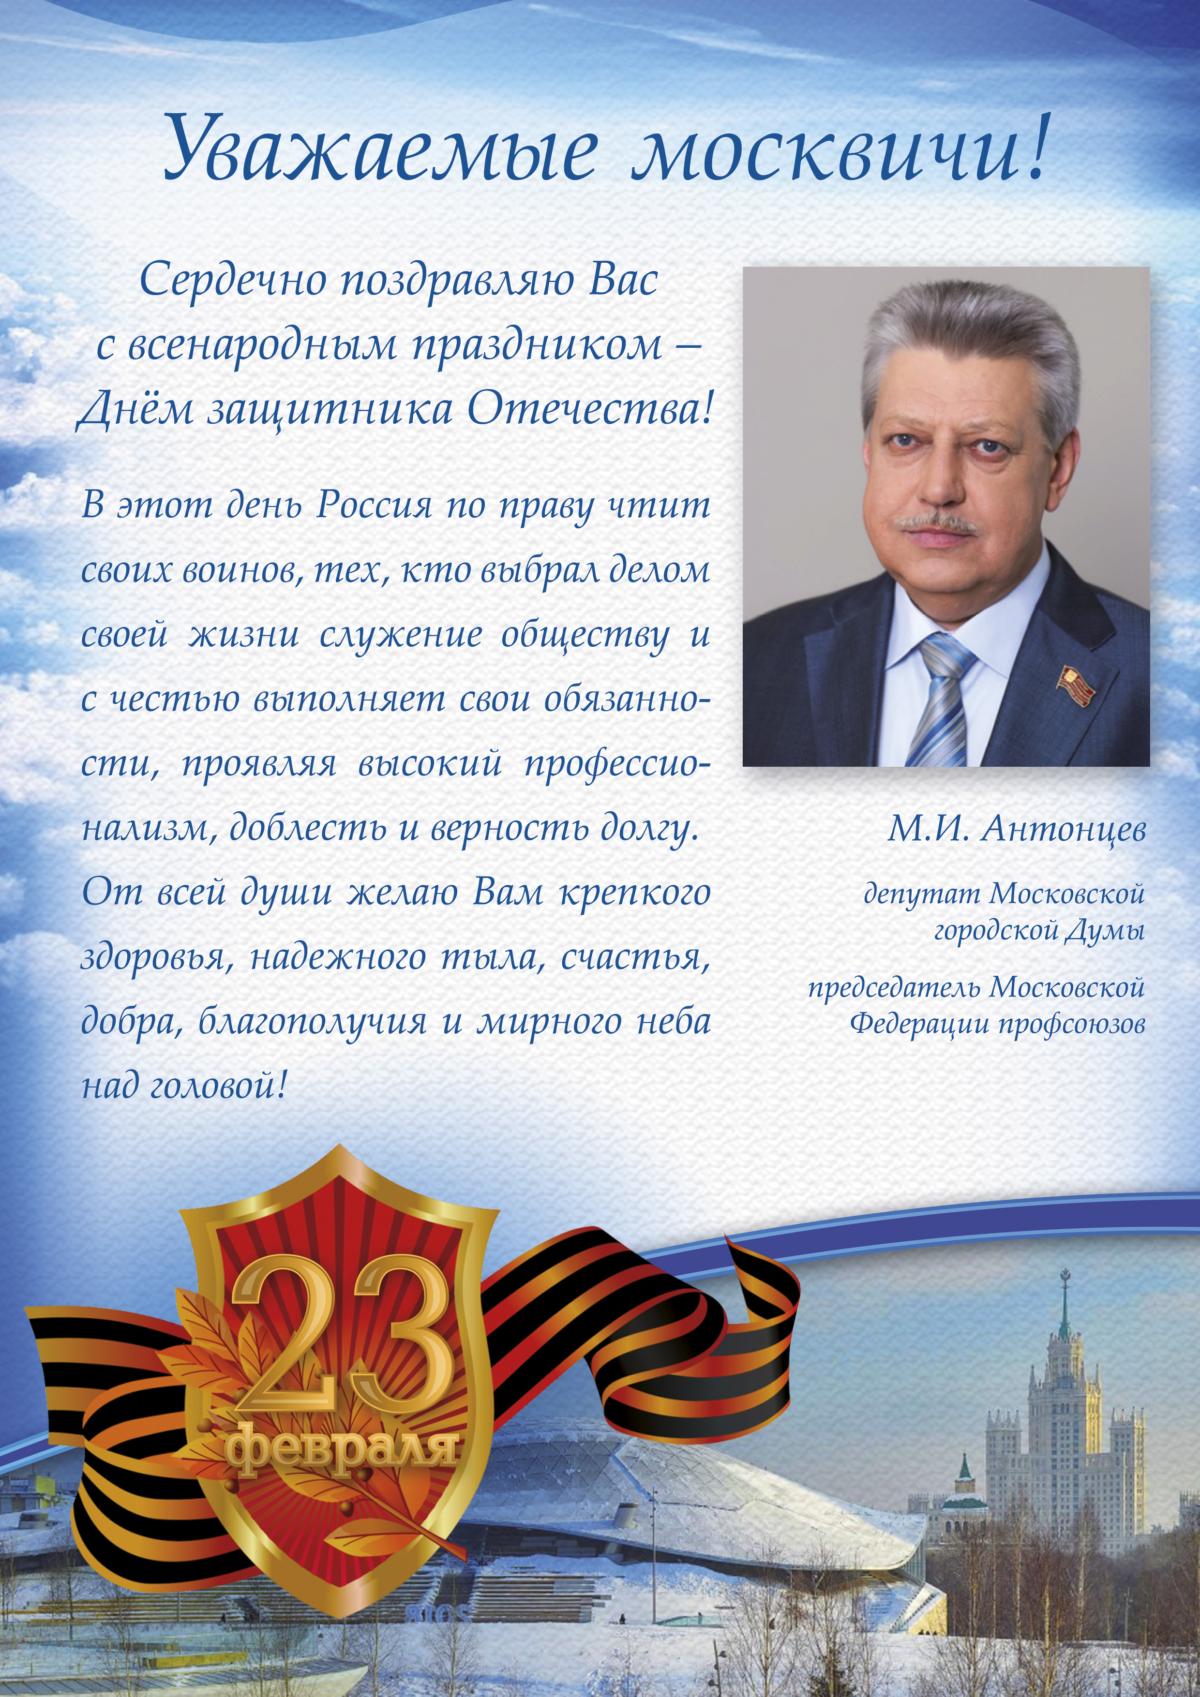 С Днём защитника Отечества! Поздравление от Михаила Антонцева